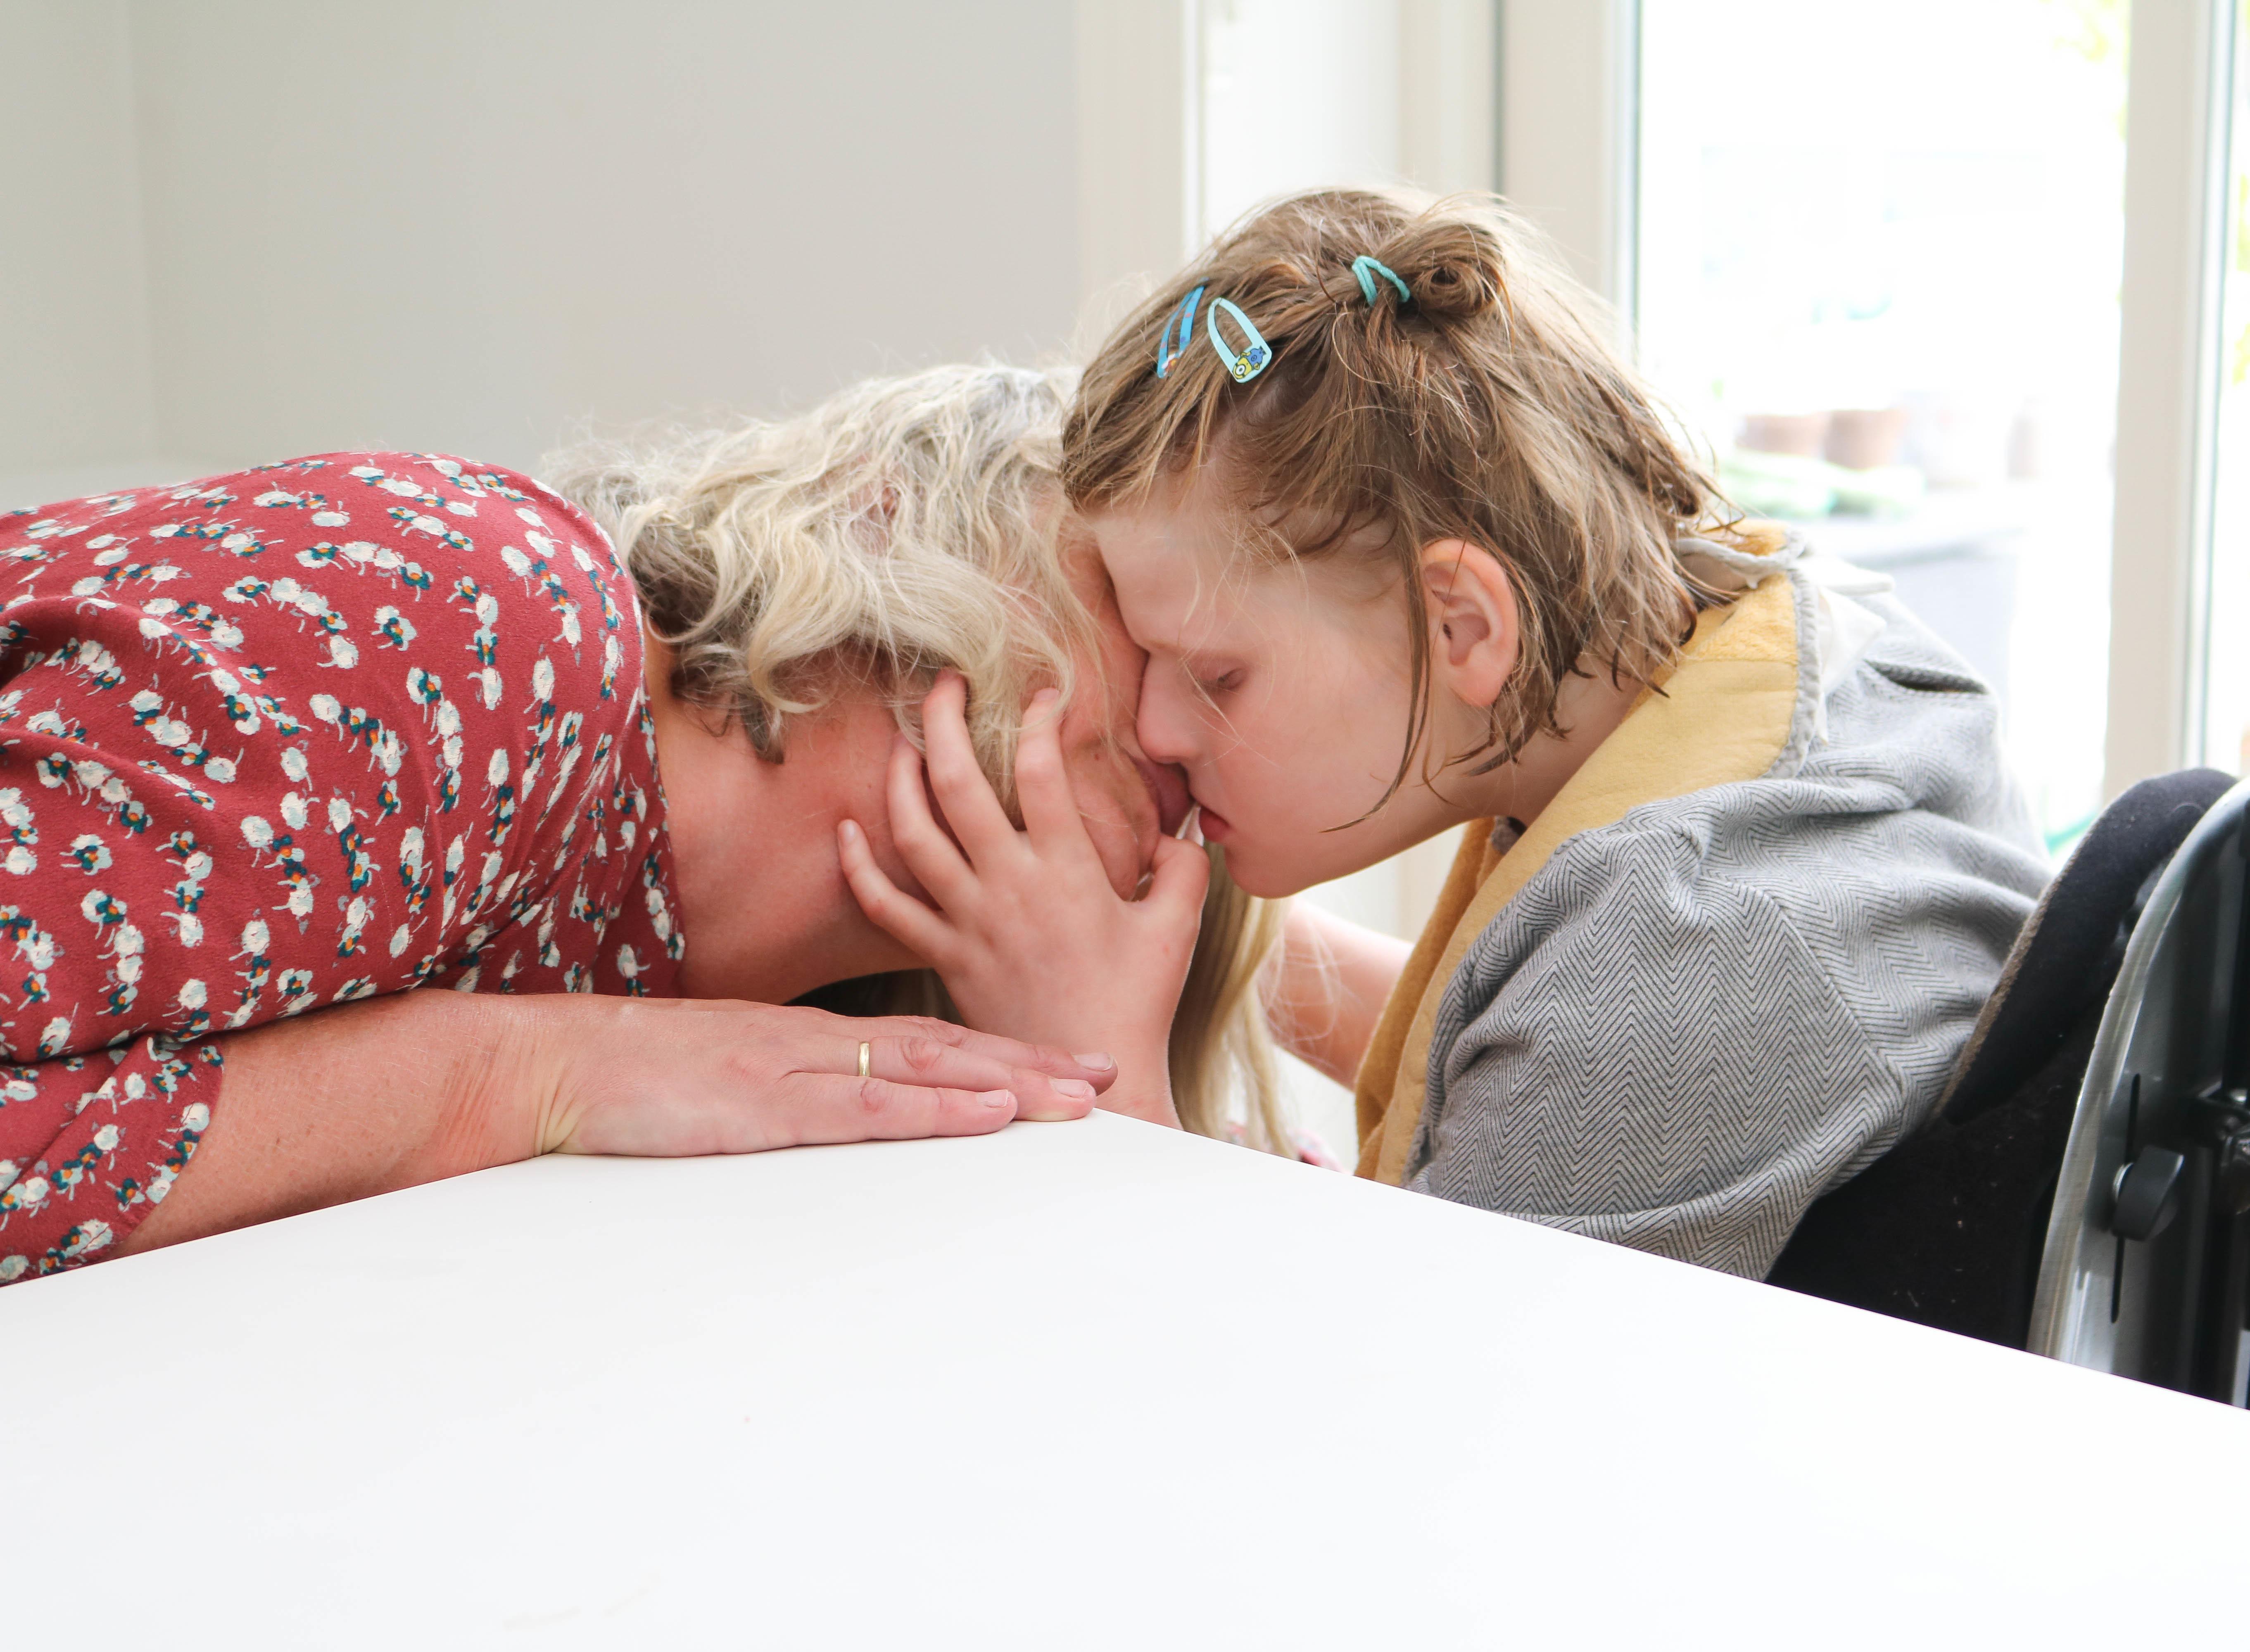 Mor og datter helt tett, hodet mot hodet. Datter klemmer sin venstre hånd rundt morens hake, hals og kinn.